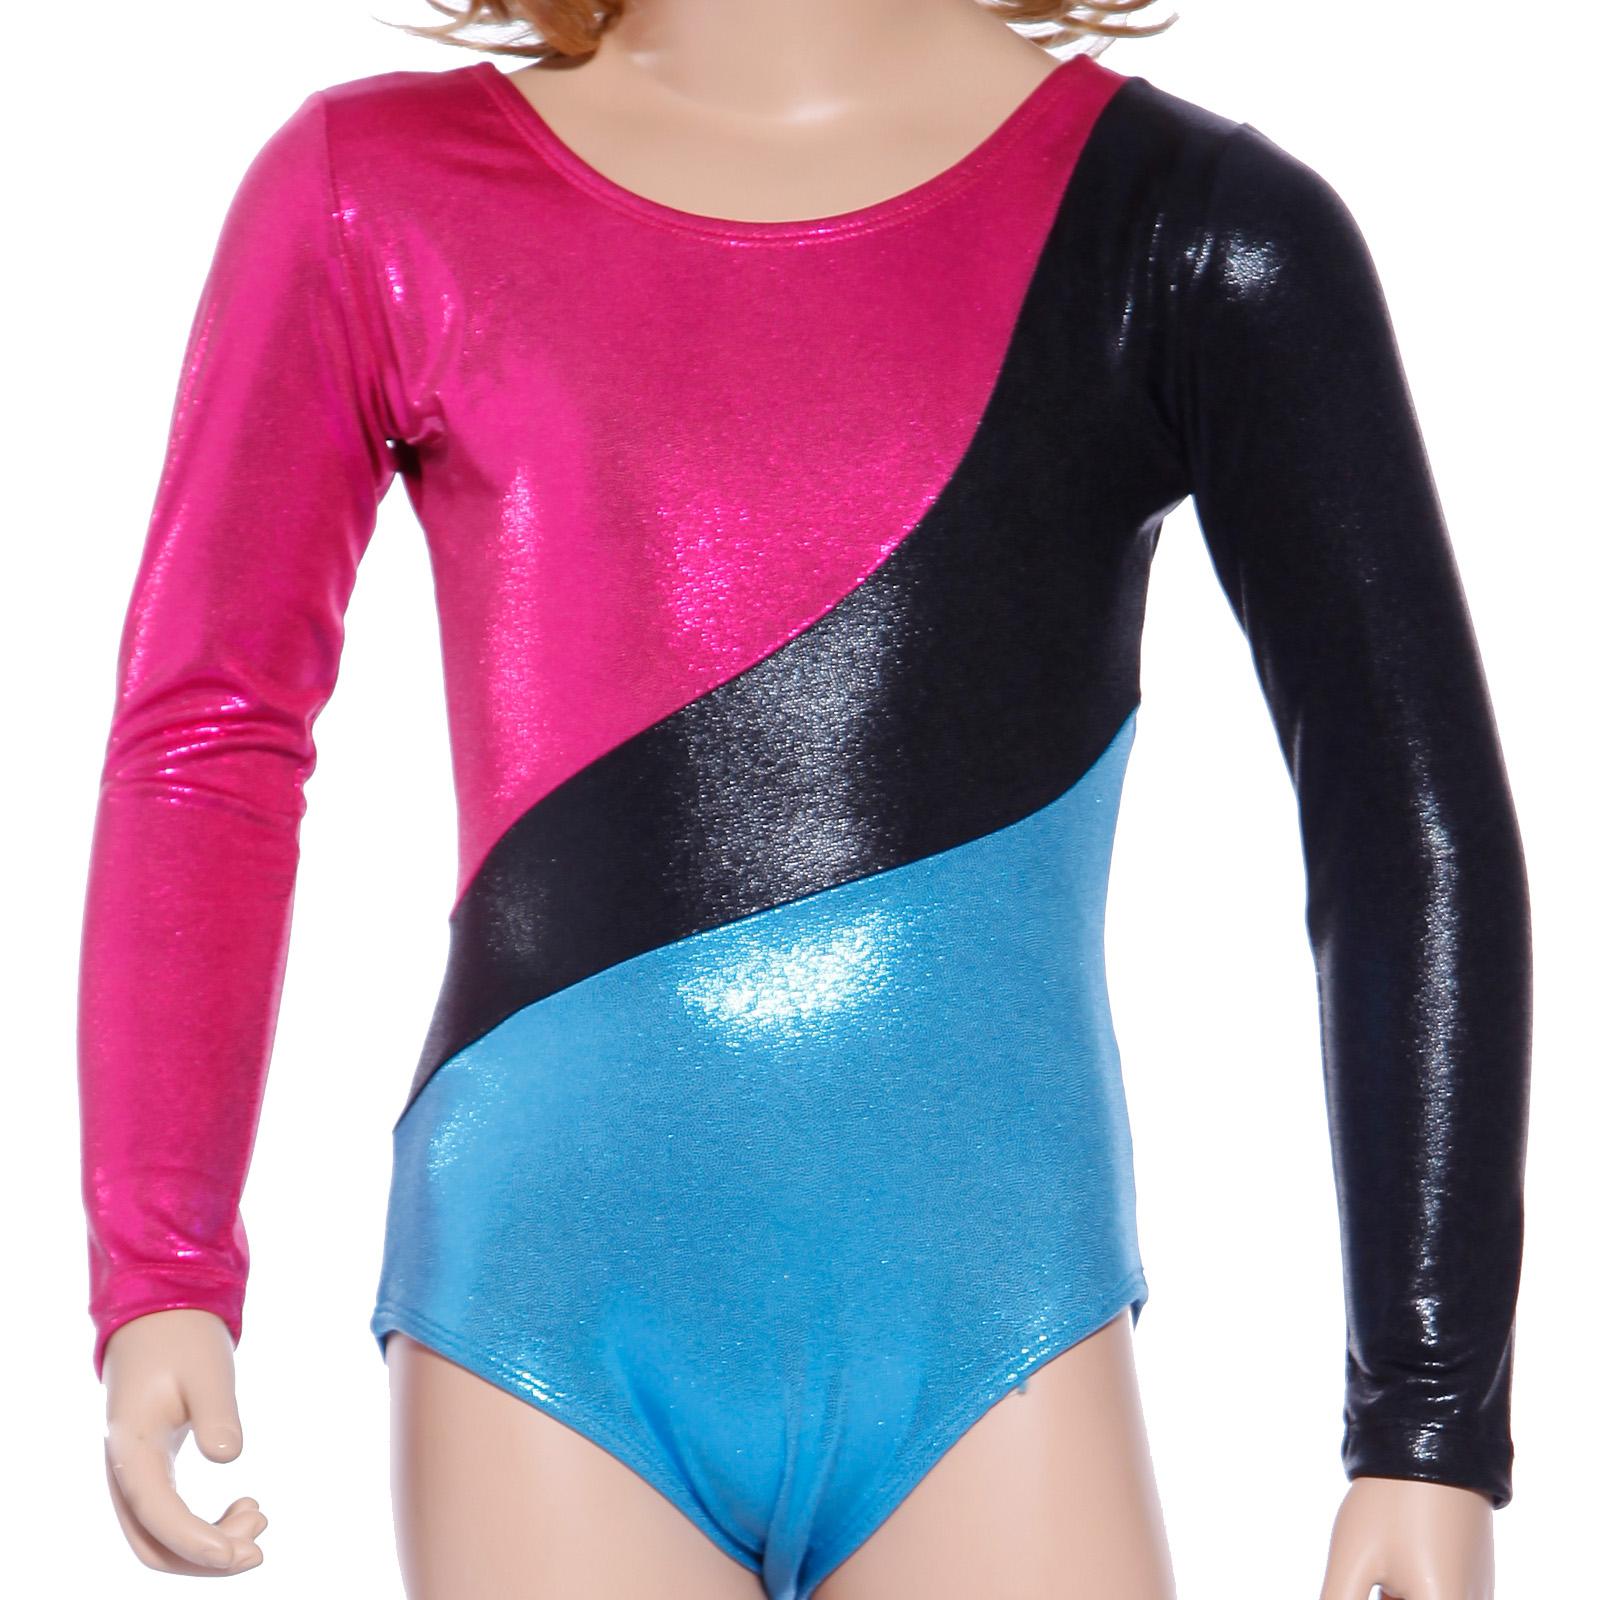 254284ee0714 Gymnastics Leotards Gym Leotard Velvet Lycra Metallic Sparkly Girls ...